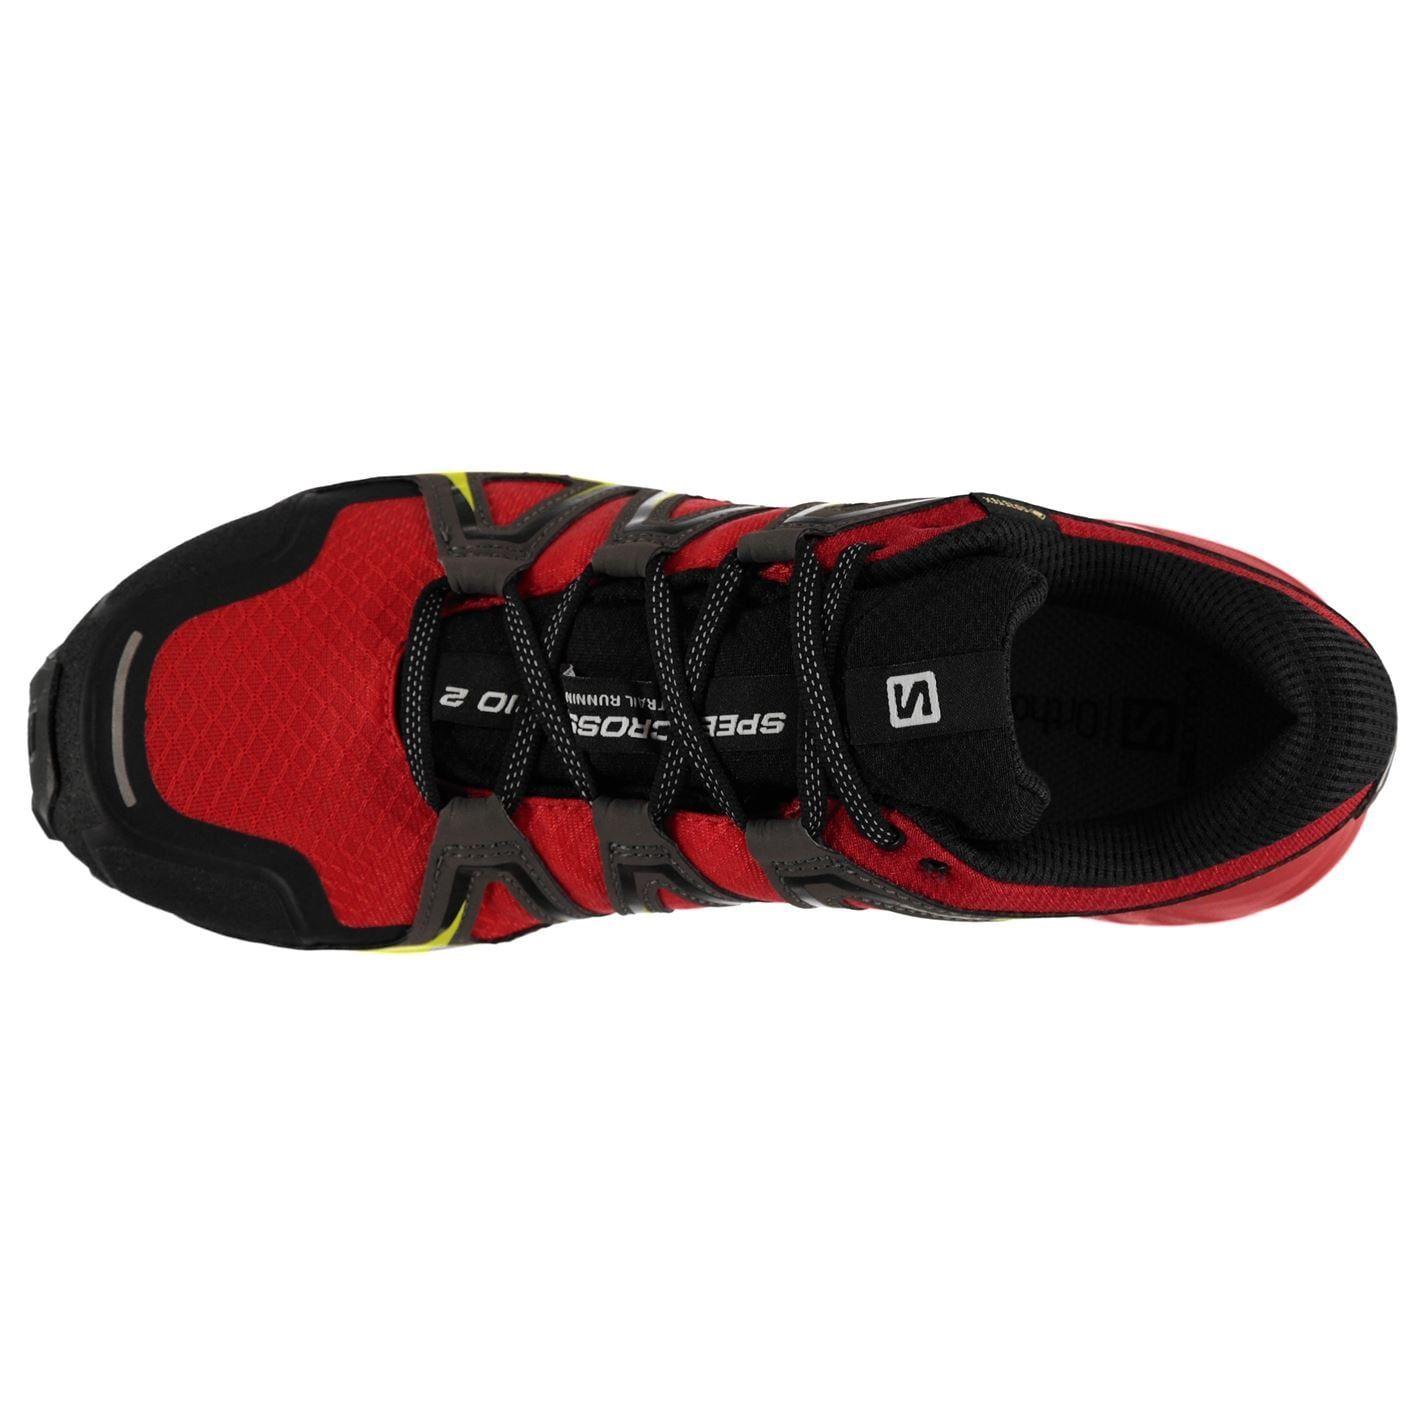 Détails sur Salomon Speedcross Vario 2 GTX Trail Running Baskets Pour Homme Fiery Red Shoes afficher le titre d'origine